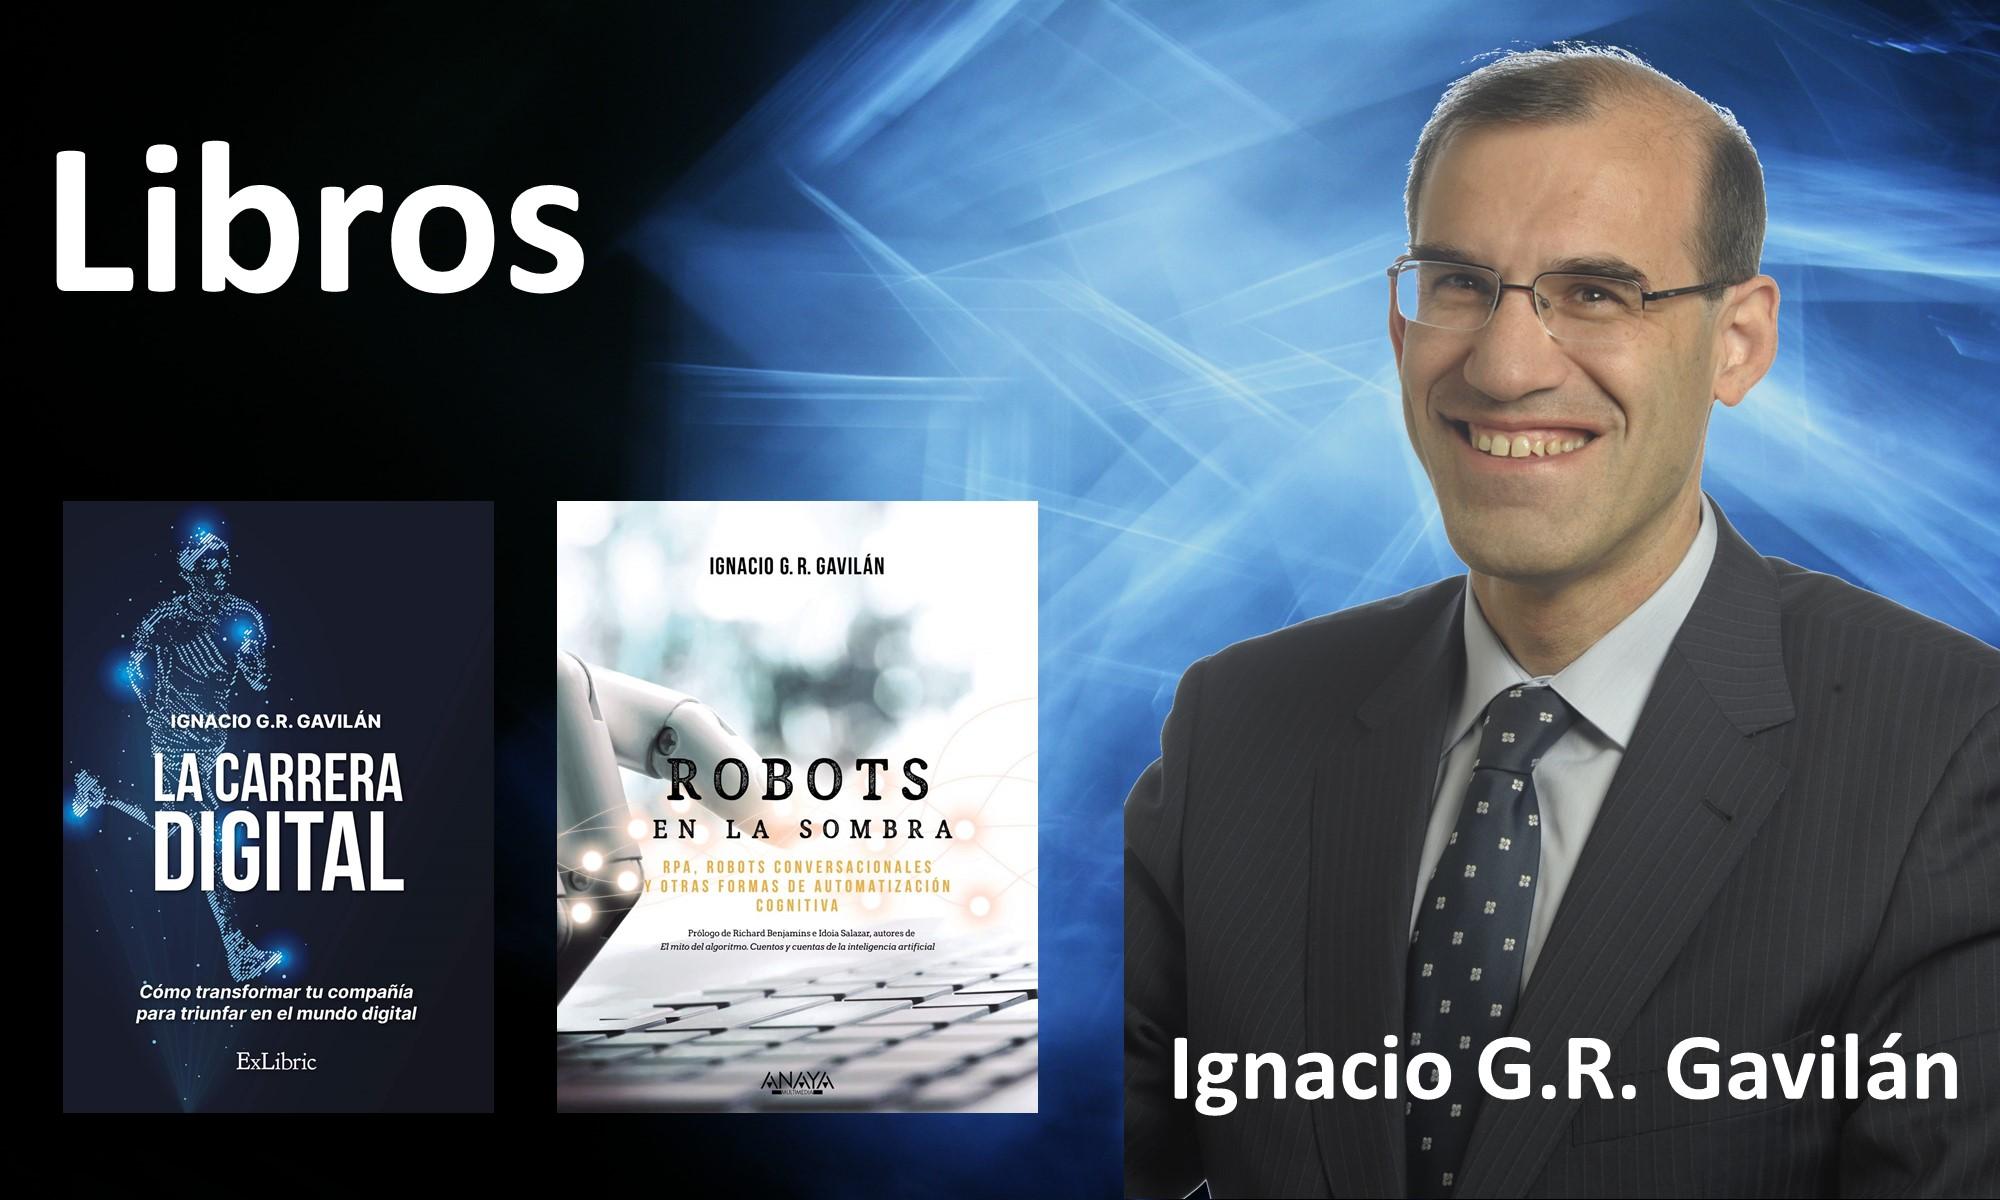 Ignacio G.R. Gavilán - Libros